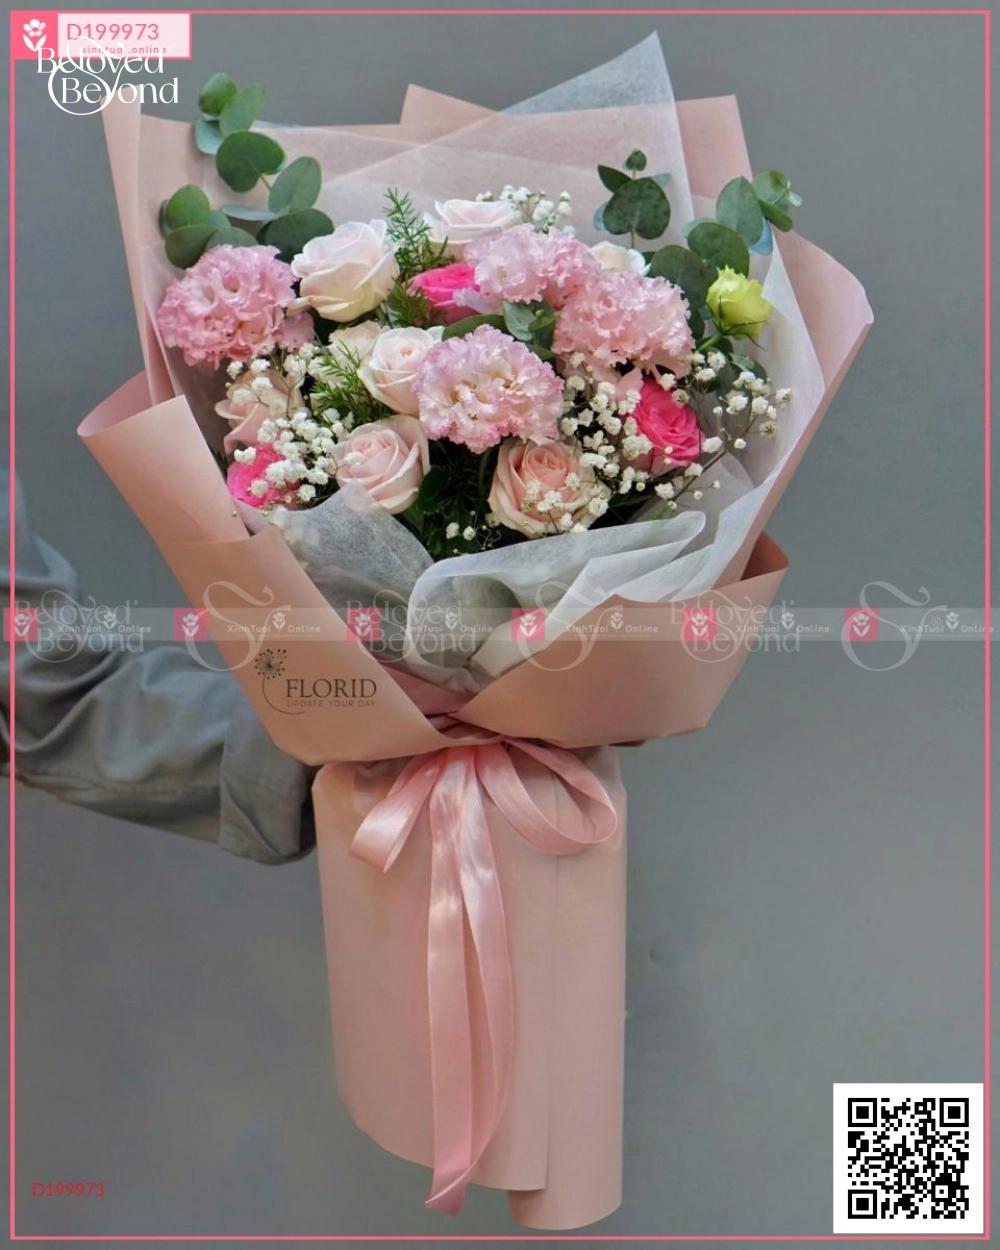 Hạnh phúc - D199973 - xinhtuoi.online